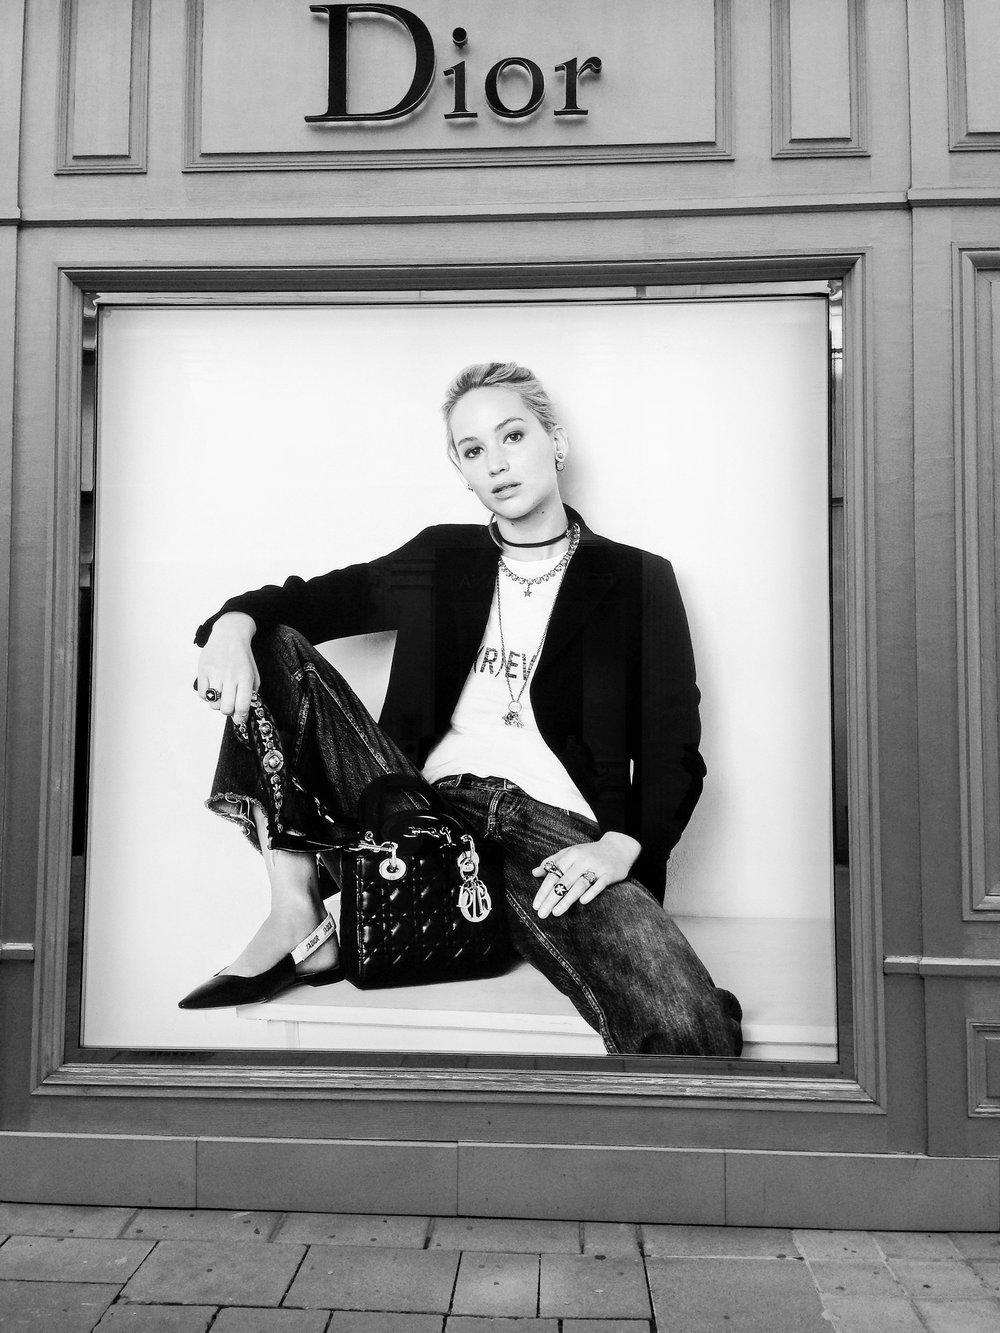 Inspiracja. Witryna sklepu Dior w Wiedniu. Sierpień 2017